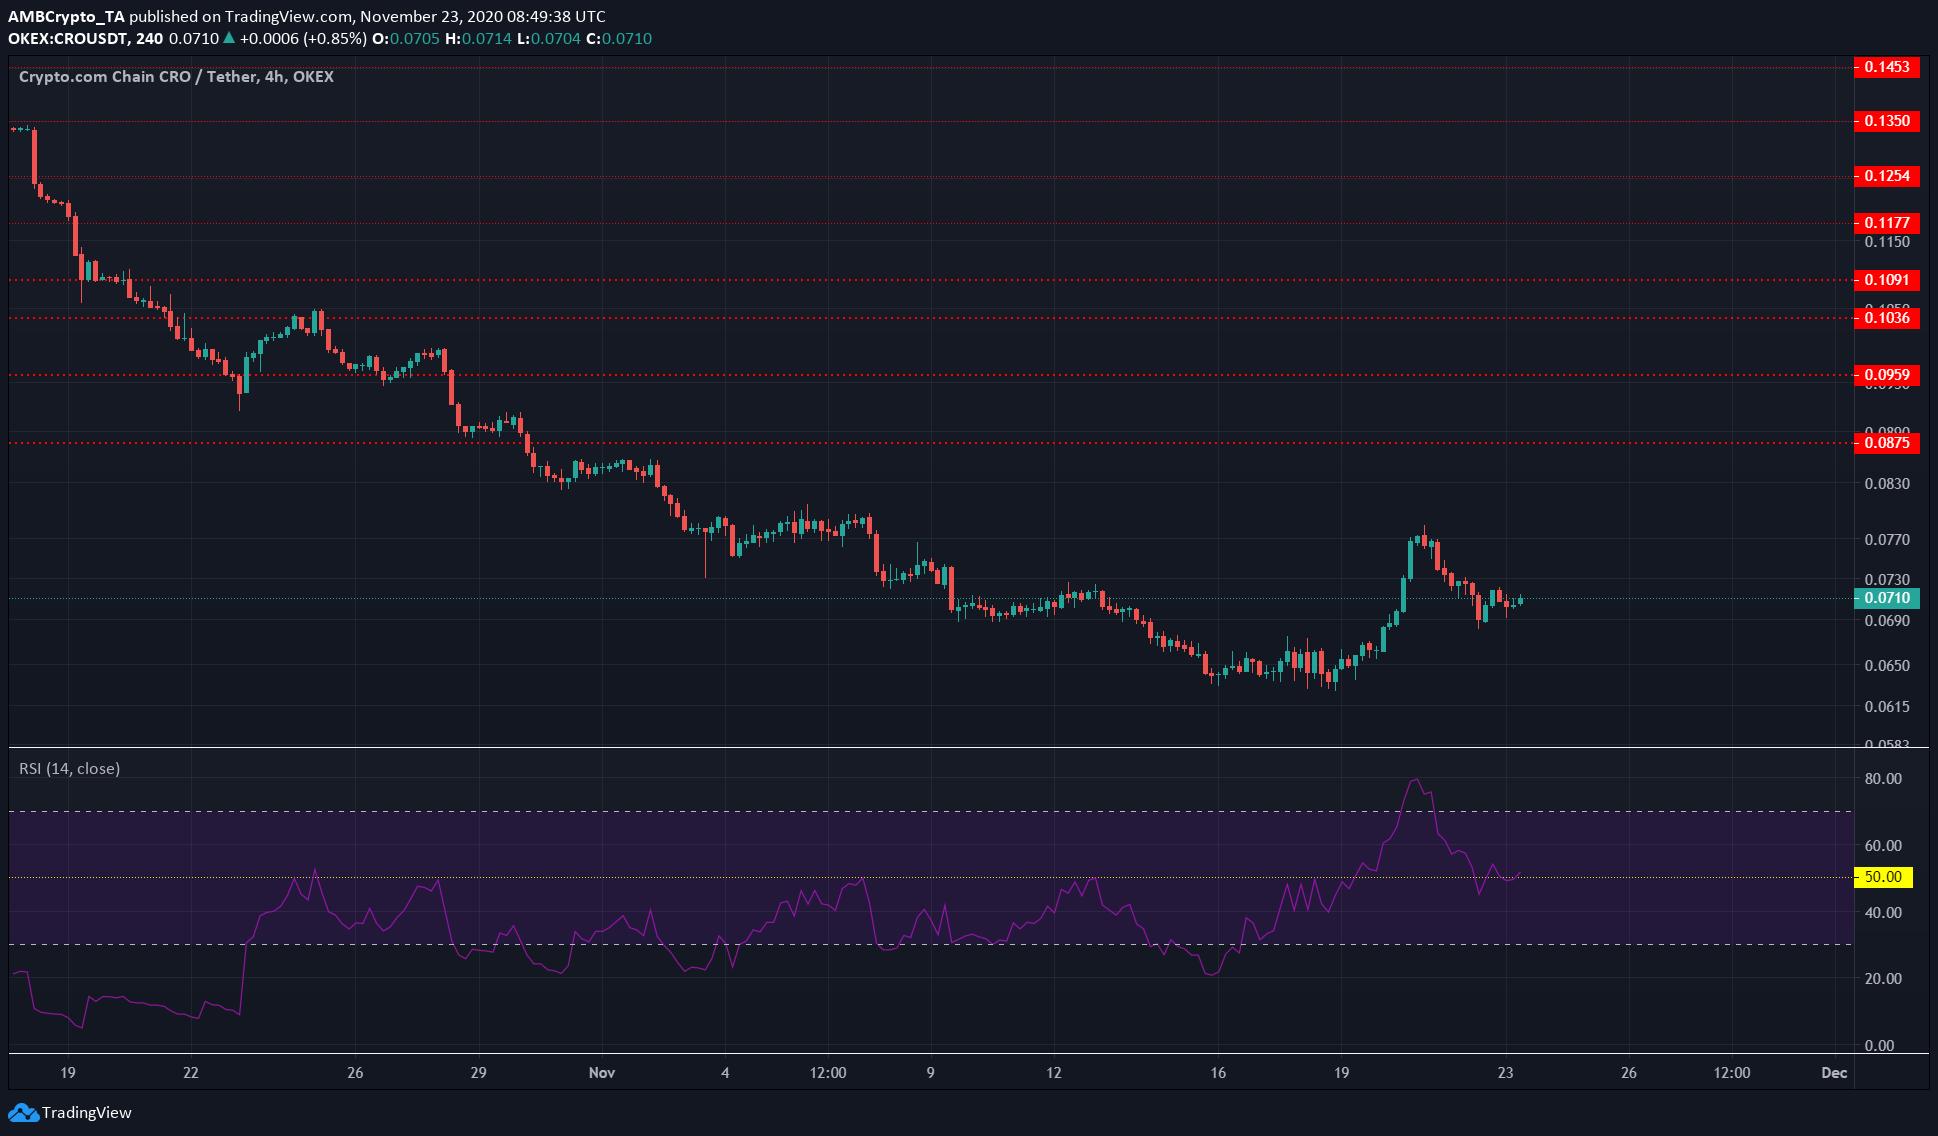 XRP, Synthetix, Crypto.com Coin Price Analysis: 23 November